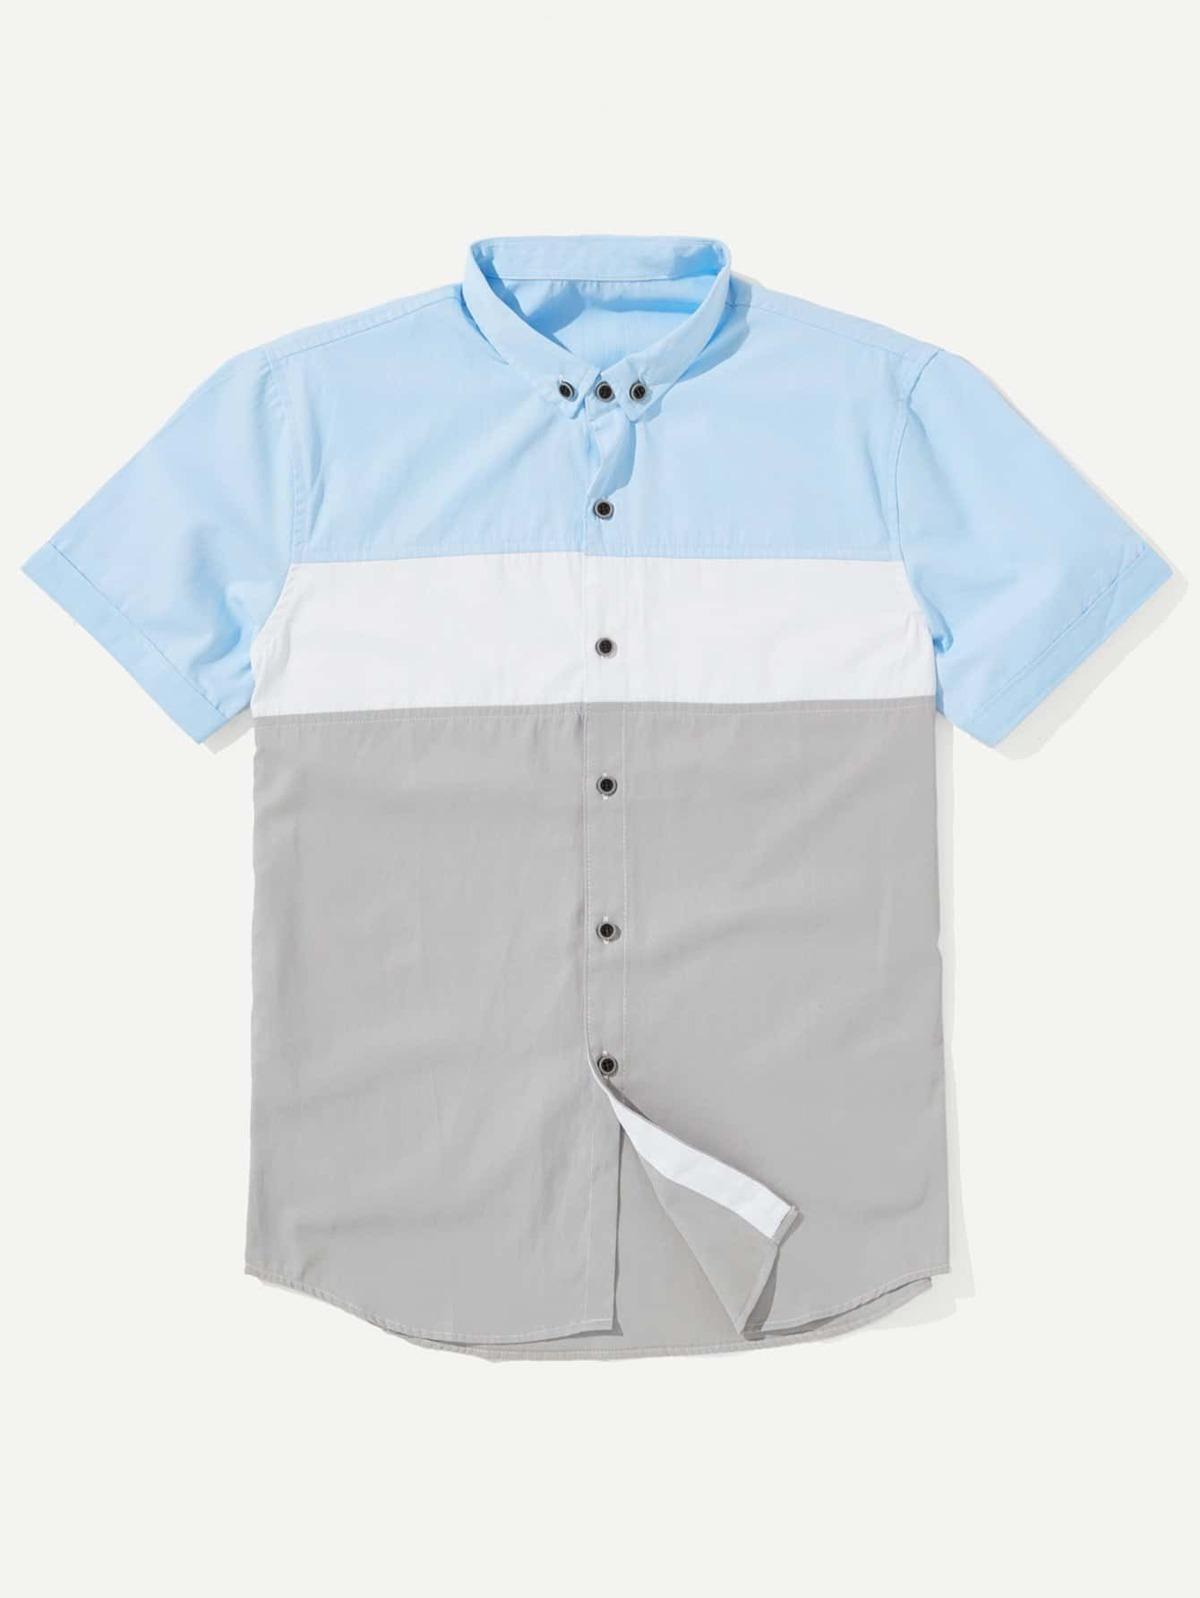 男人 剪裁 縫紉 拼接 襯衫